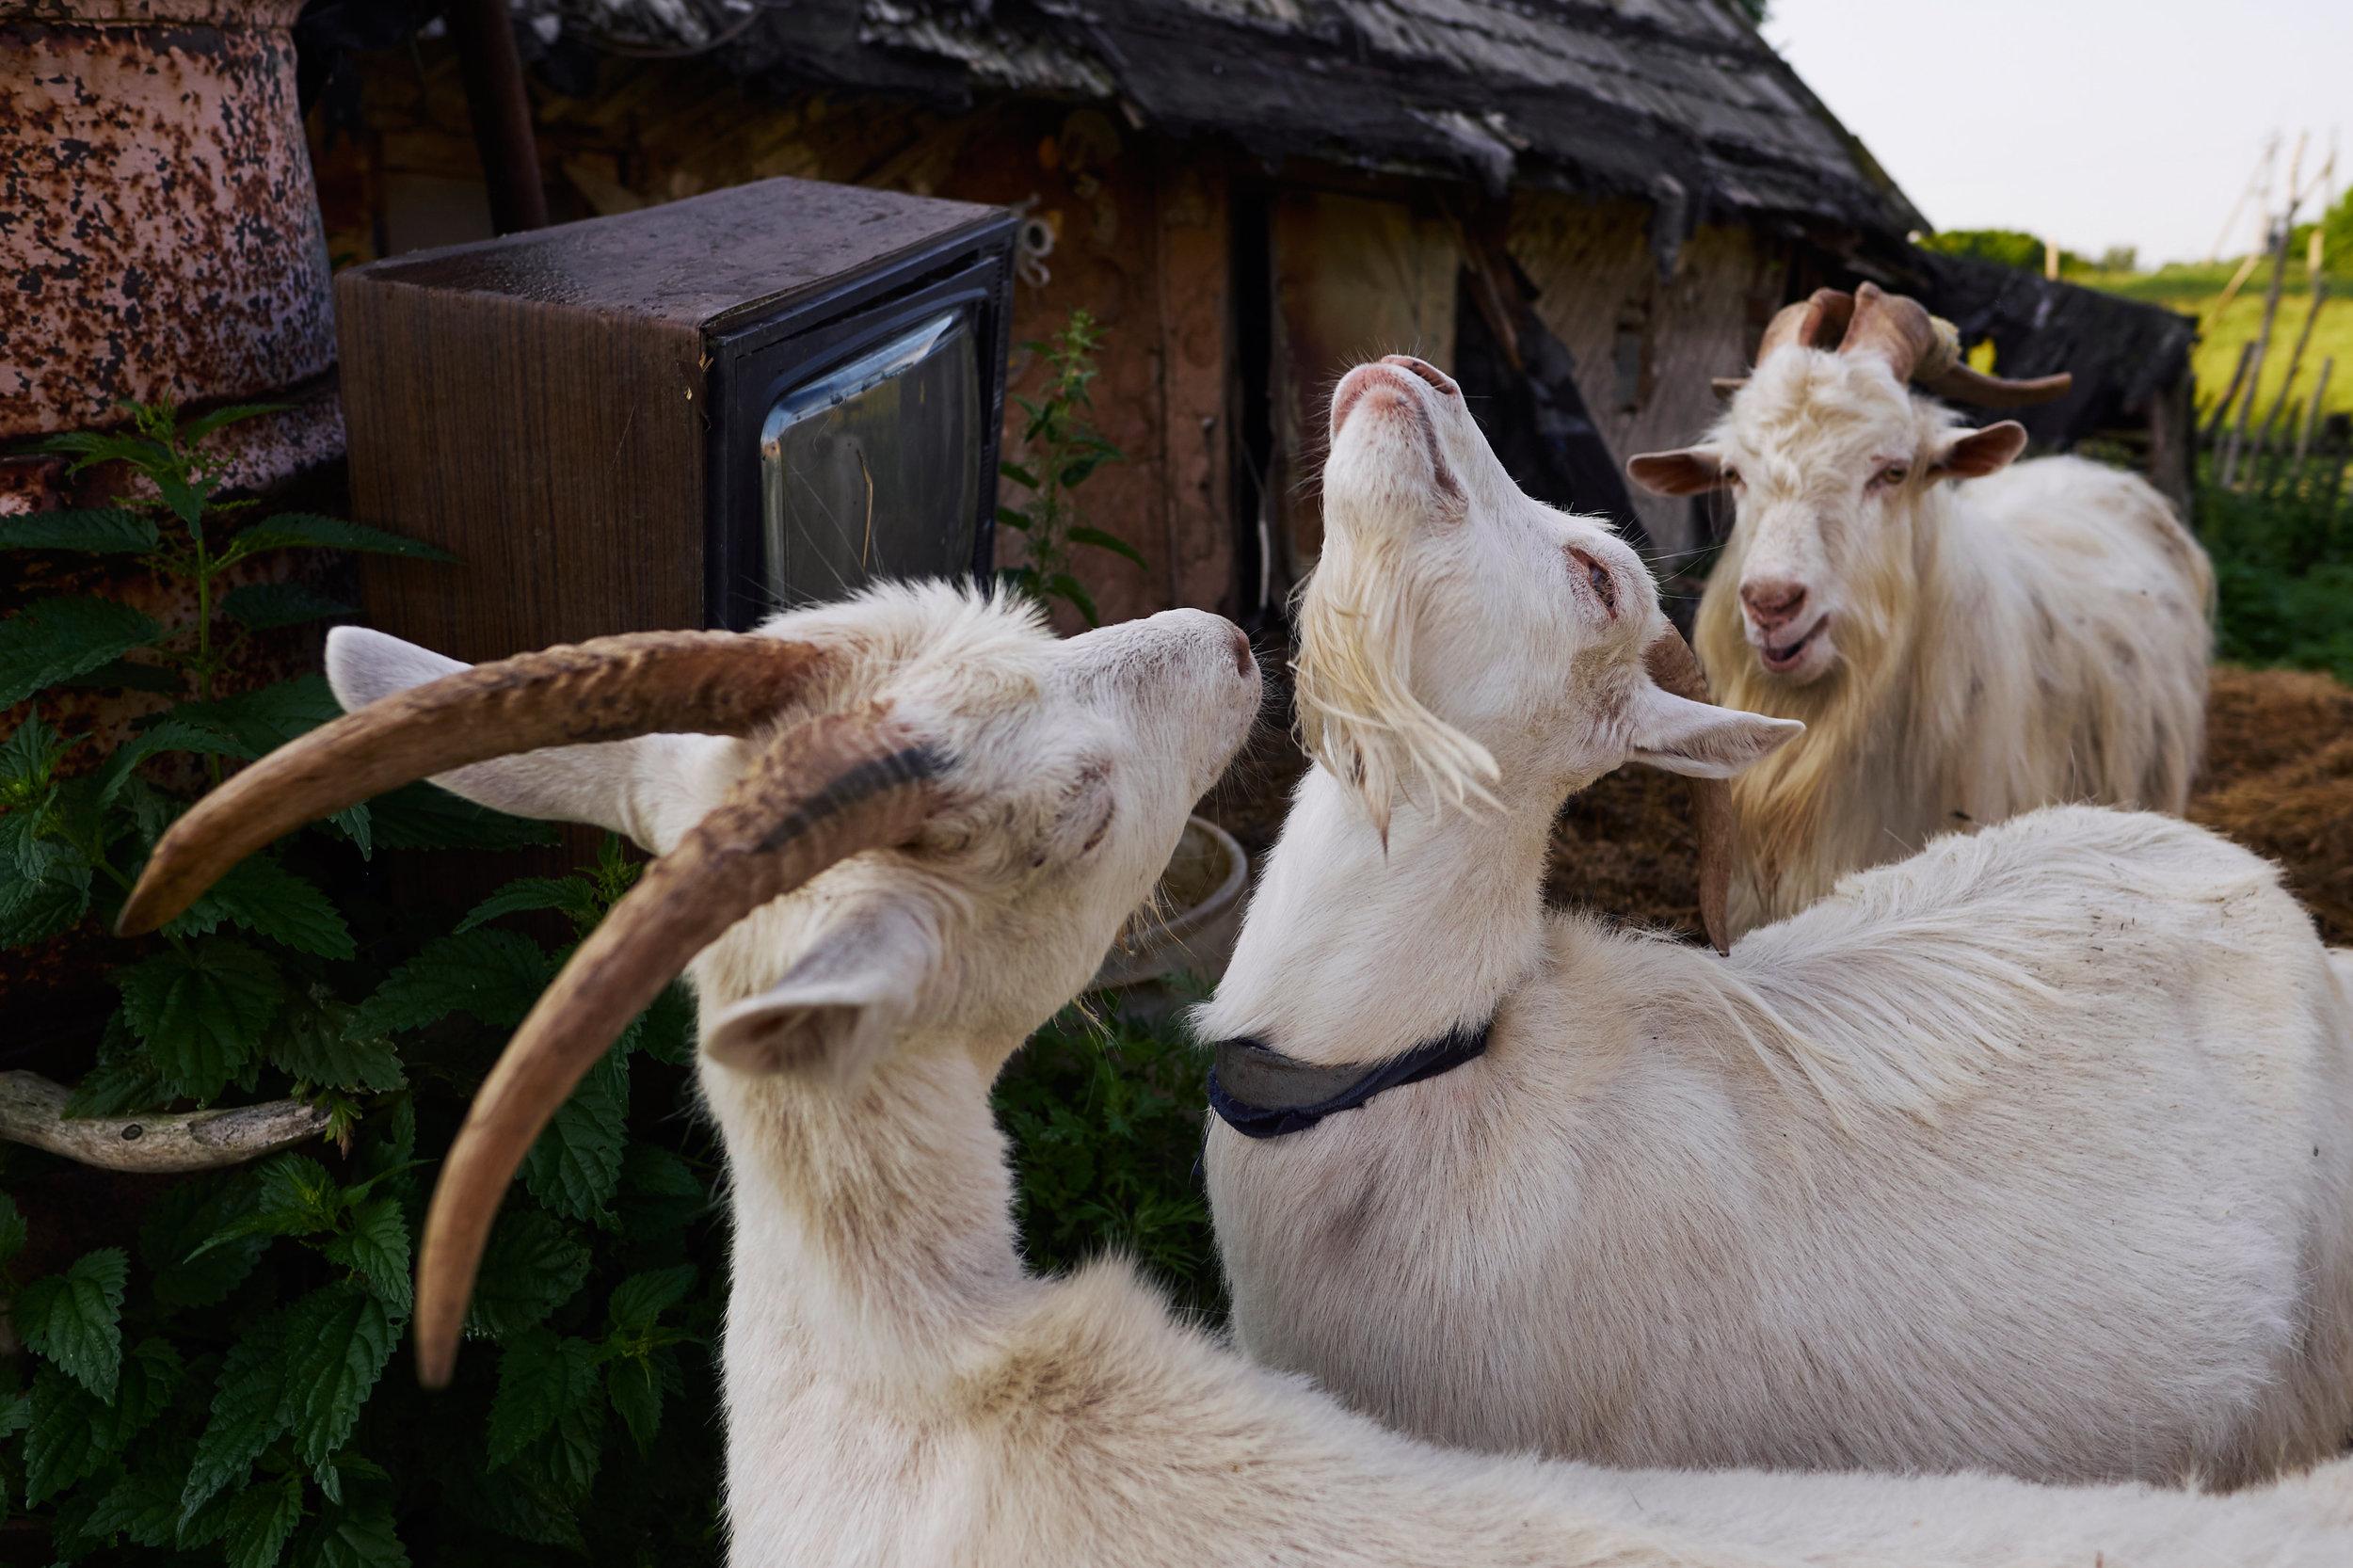 goats-and-tv-Braslav-Belarus